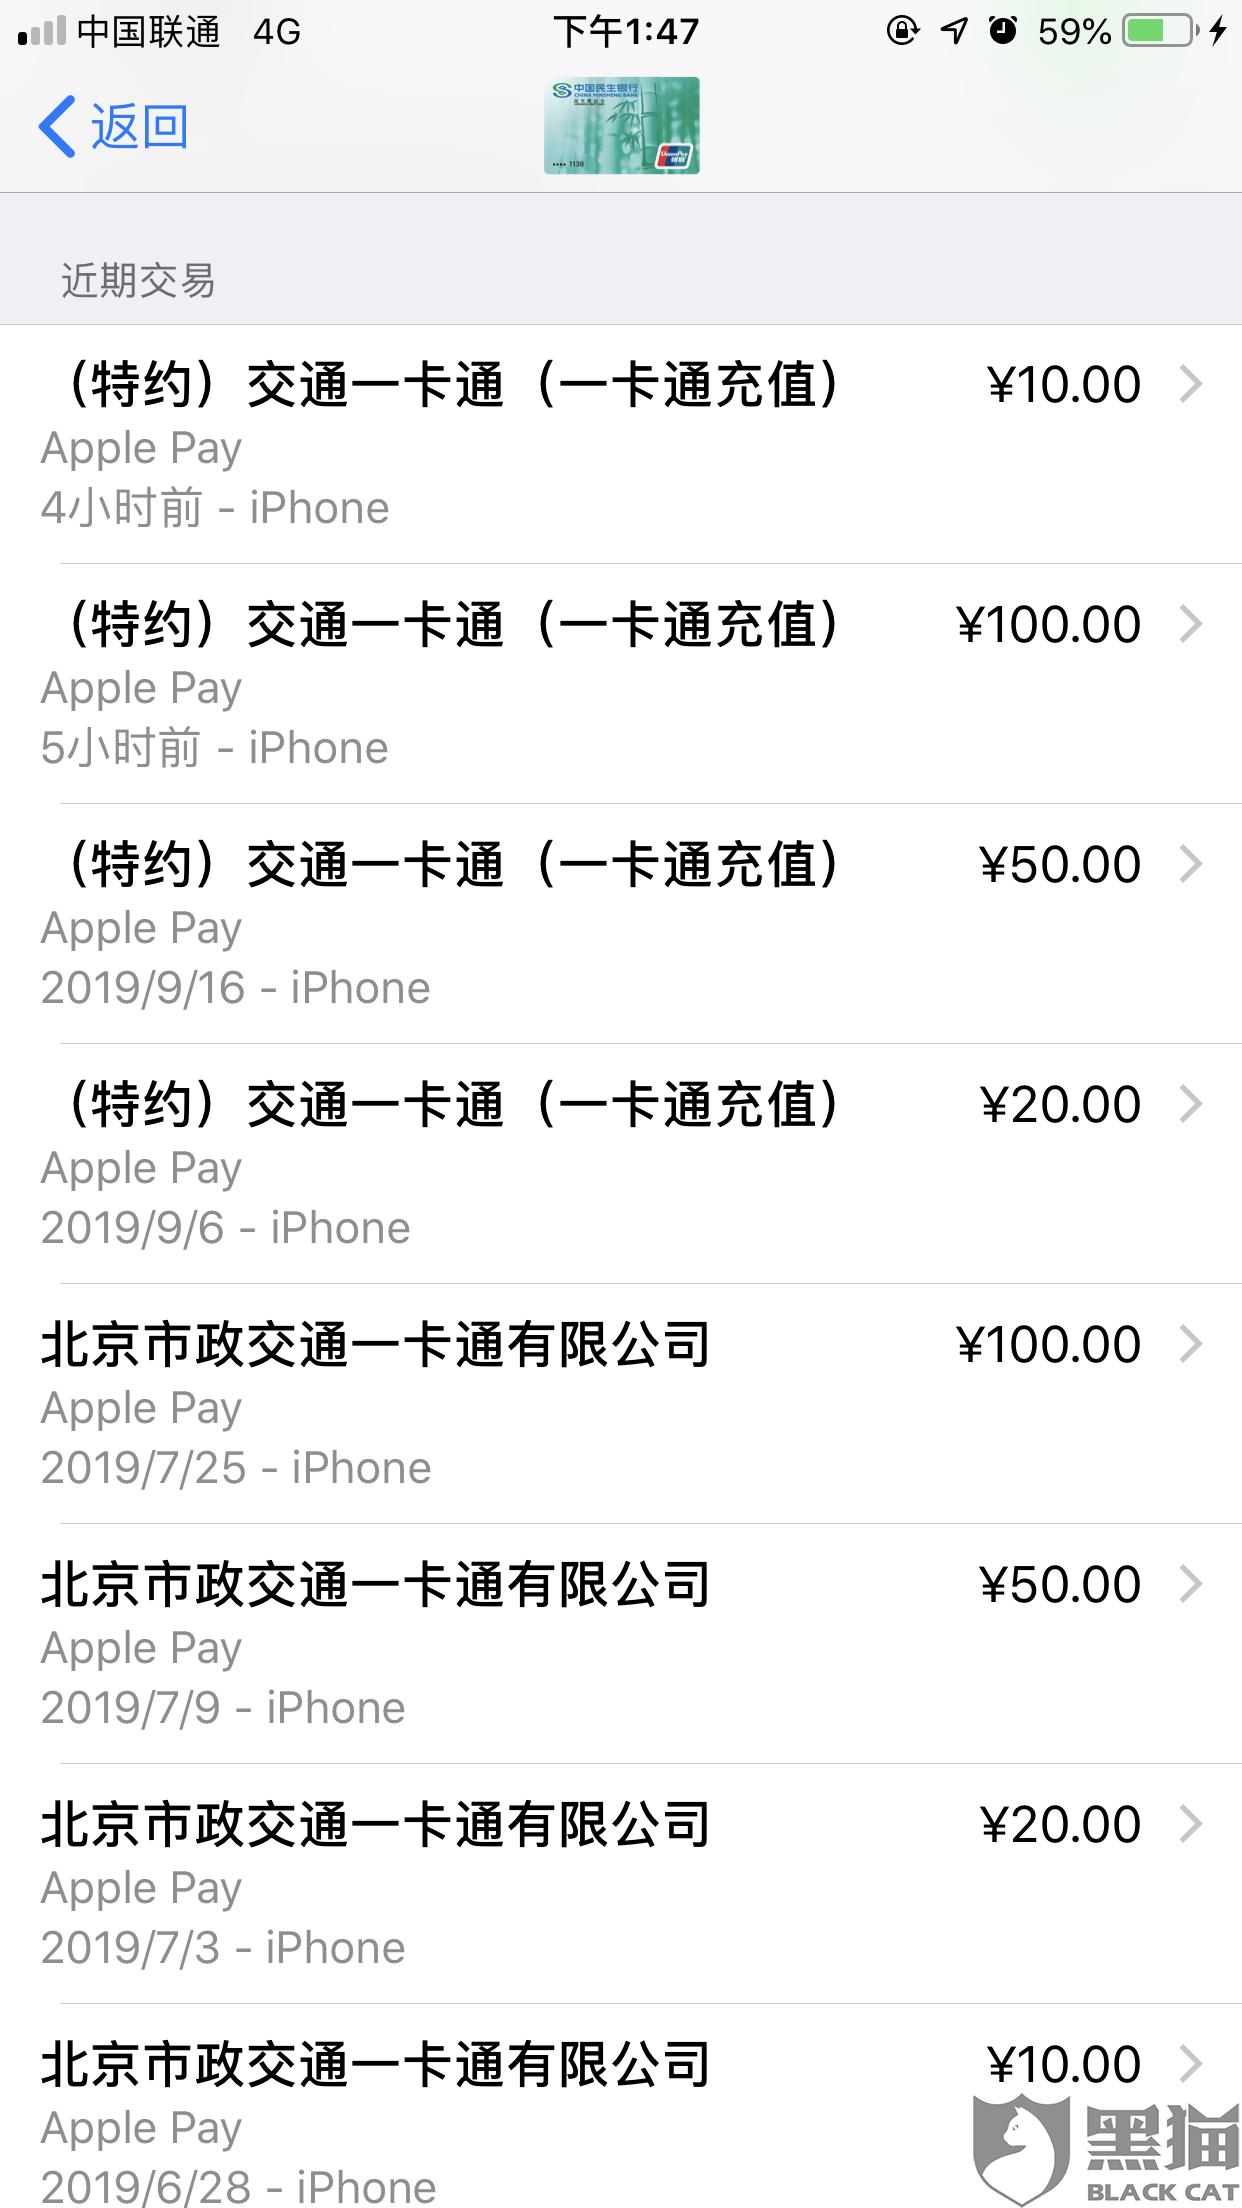 黑猫投诉:苹果手机钱包充值北京一卡通,民生银行扣款成功,一卡通余额没变。